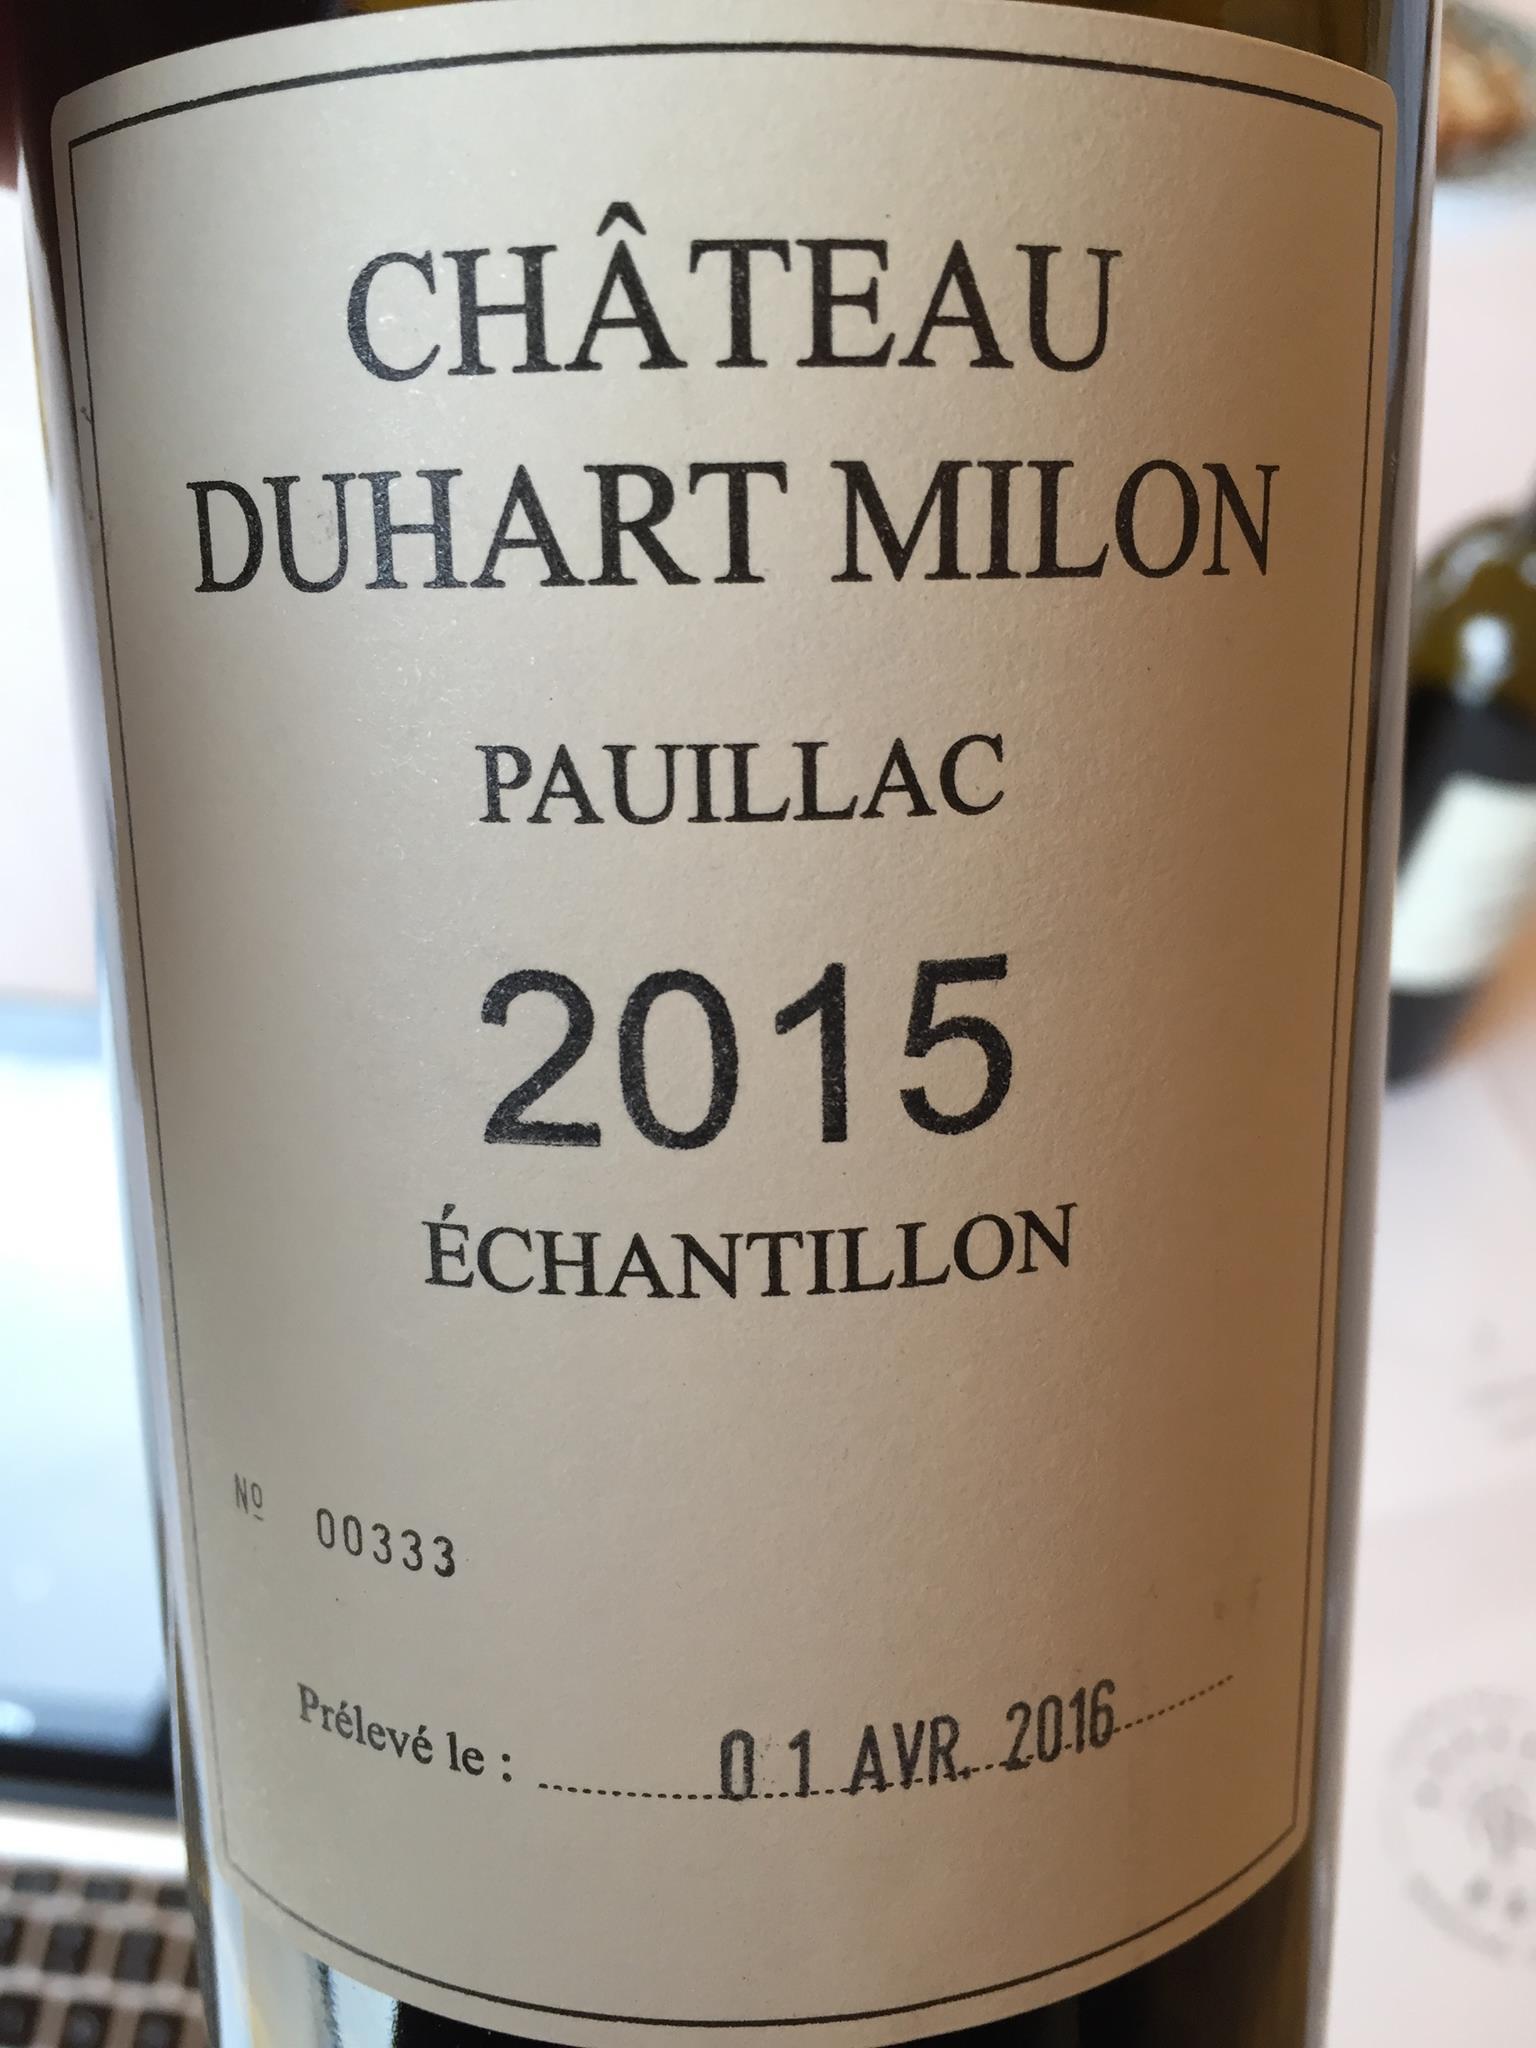 Château Duhart Milon 2015 – Pauillac, 4ème Grand Cru Classé